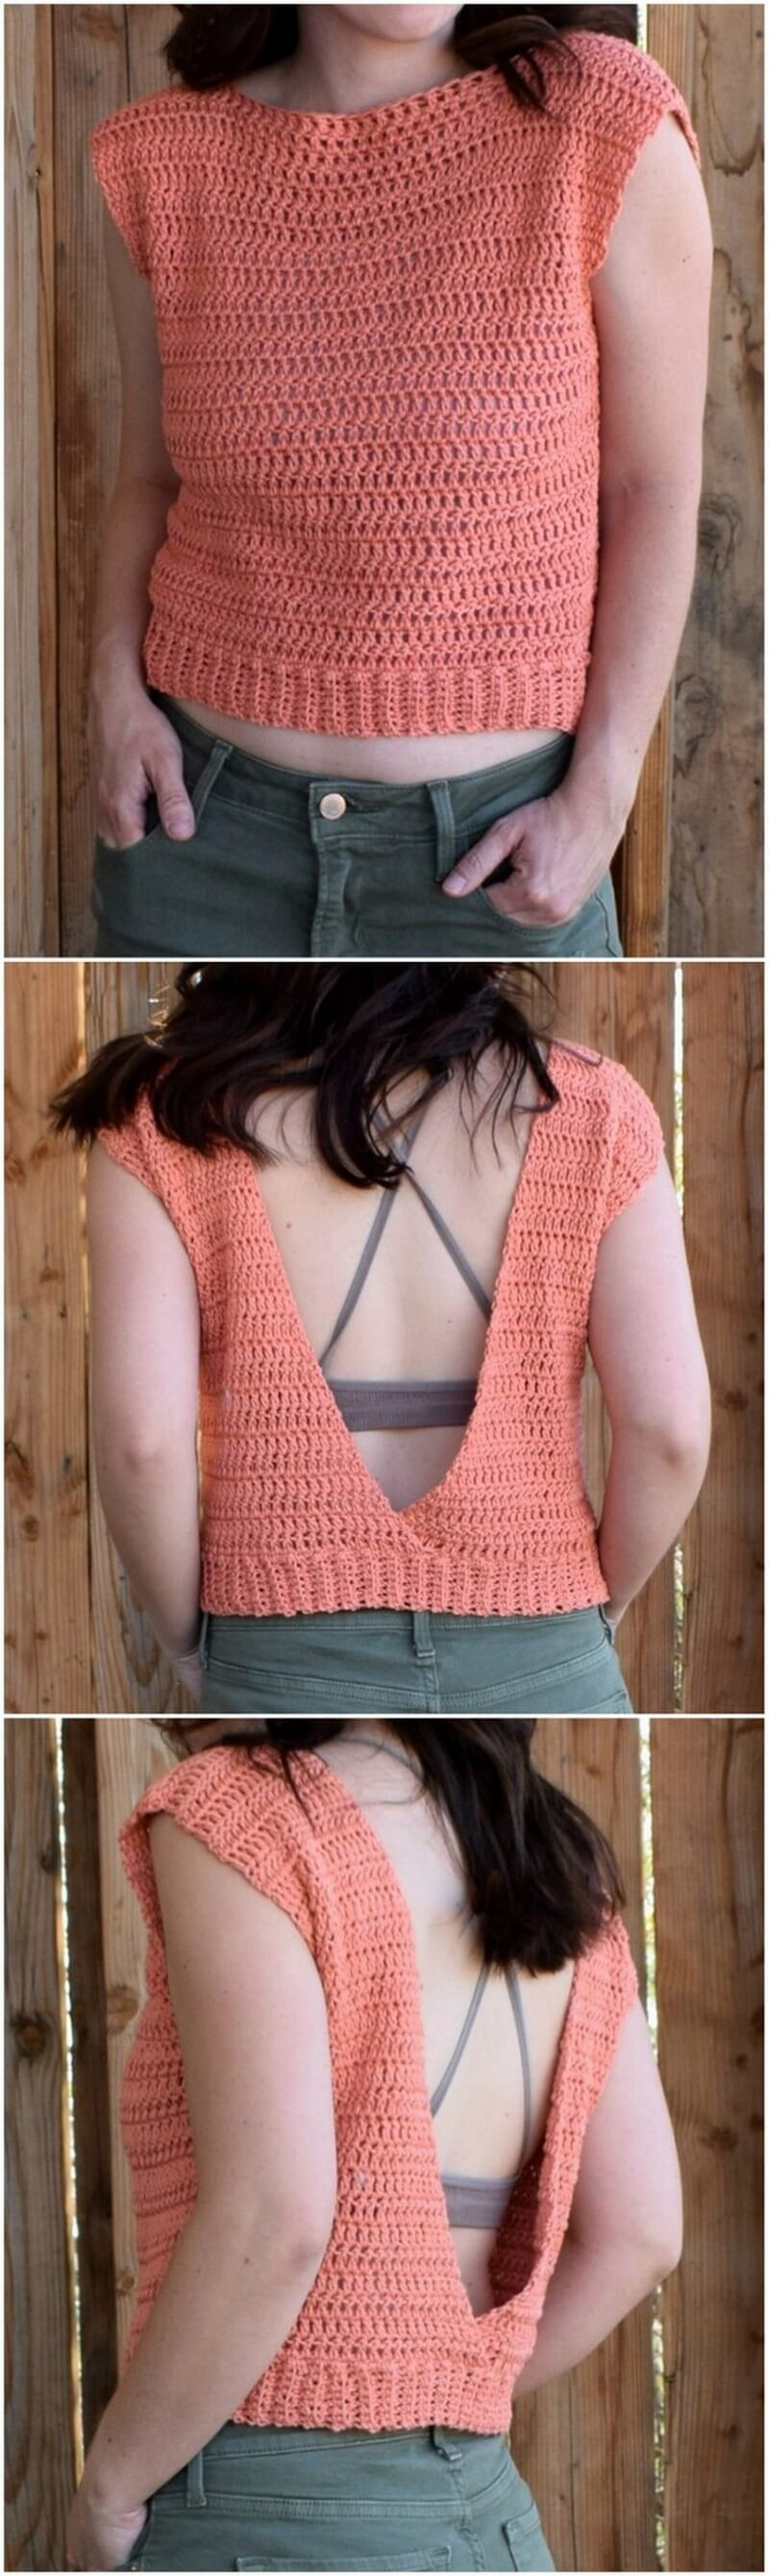 Crochet Top Pattern (8)